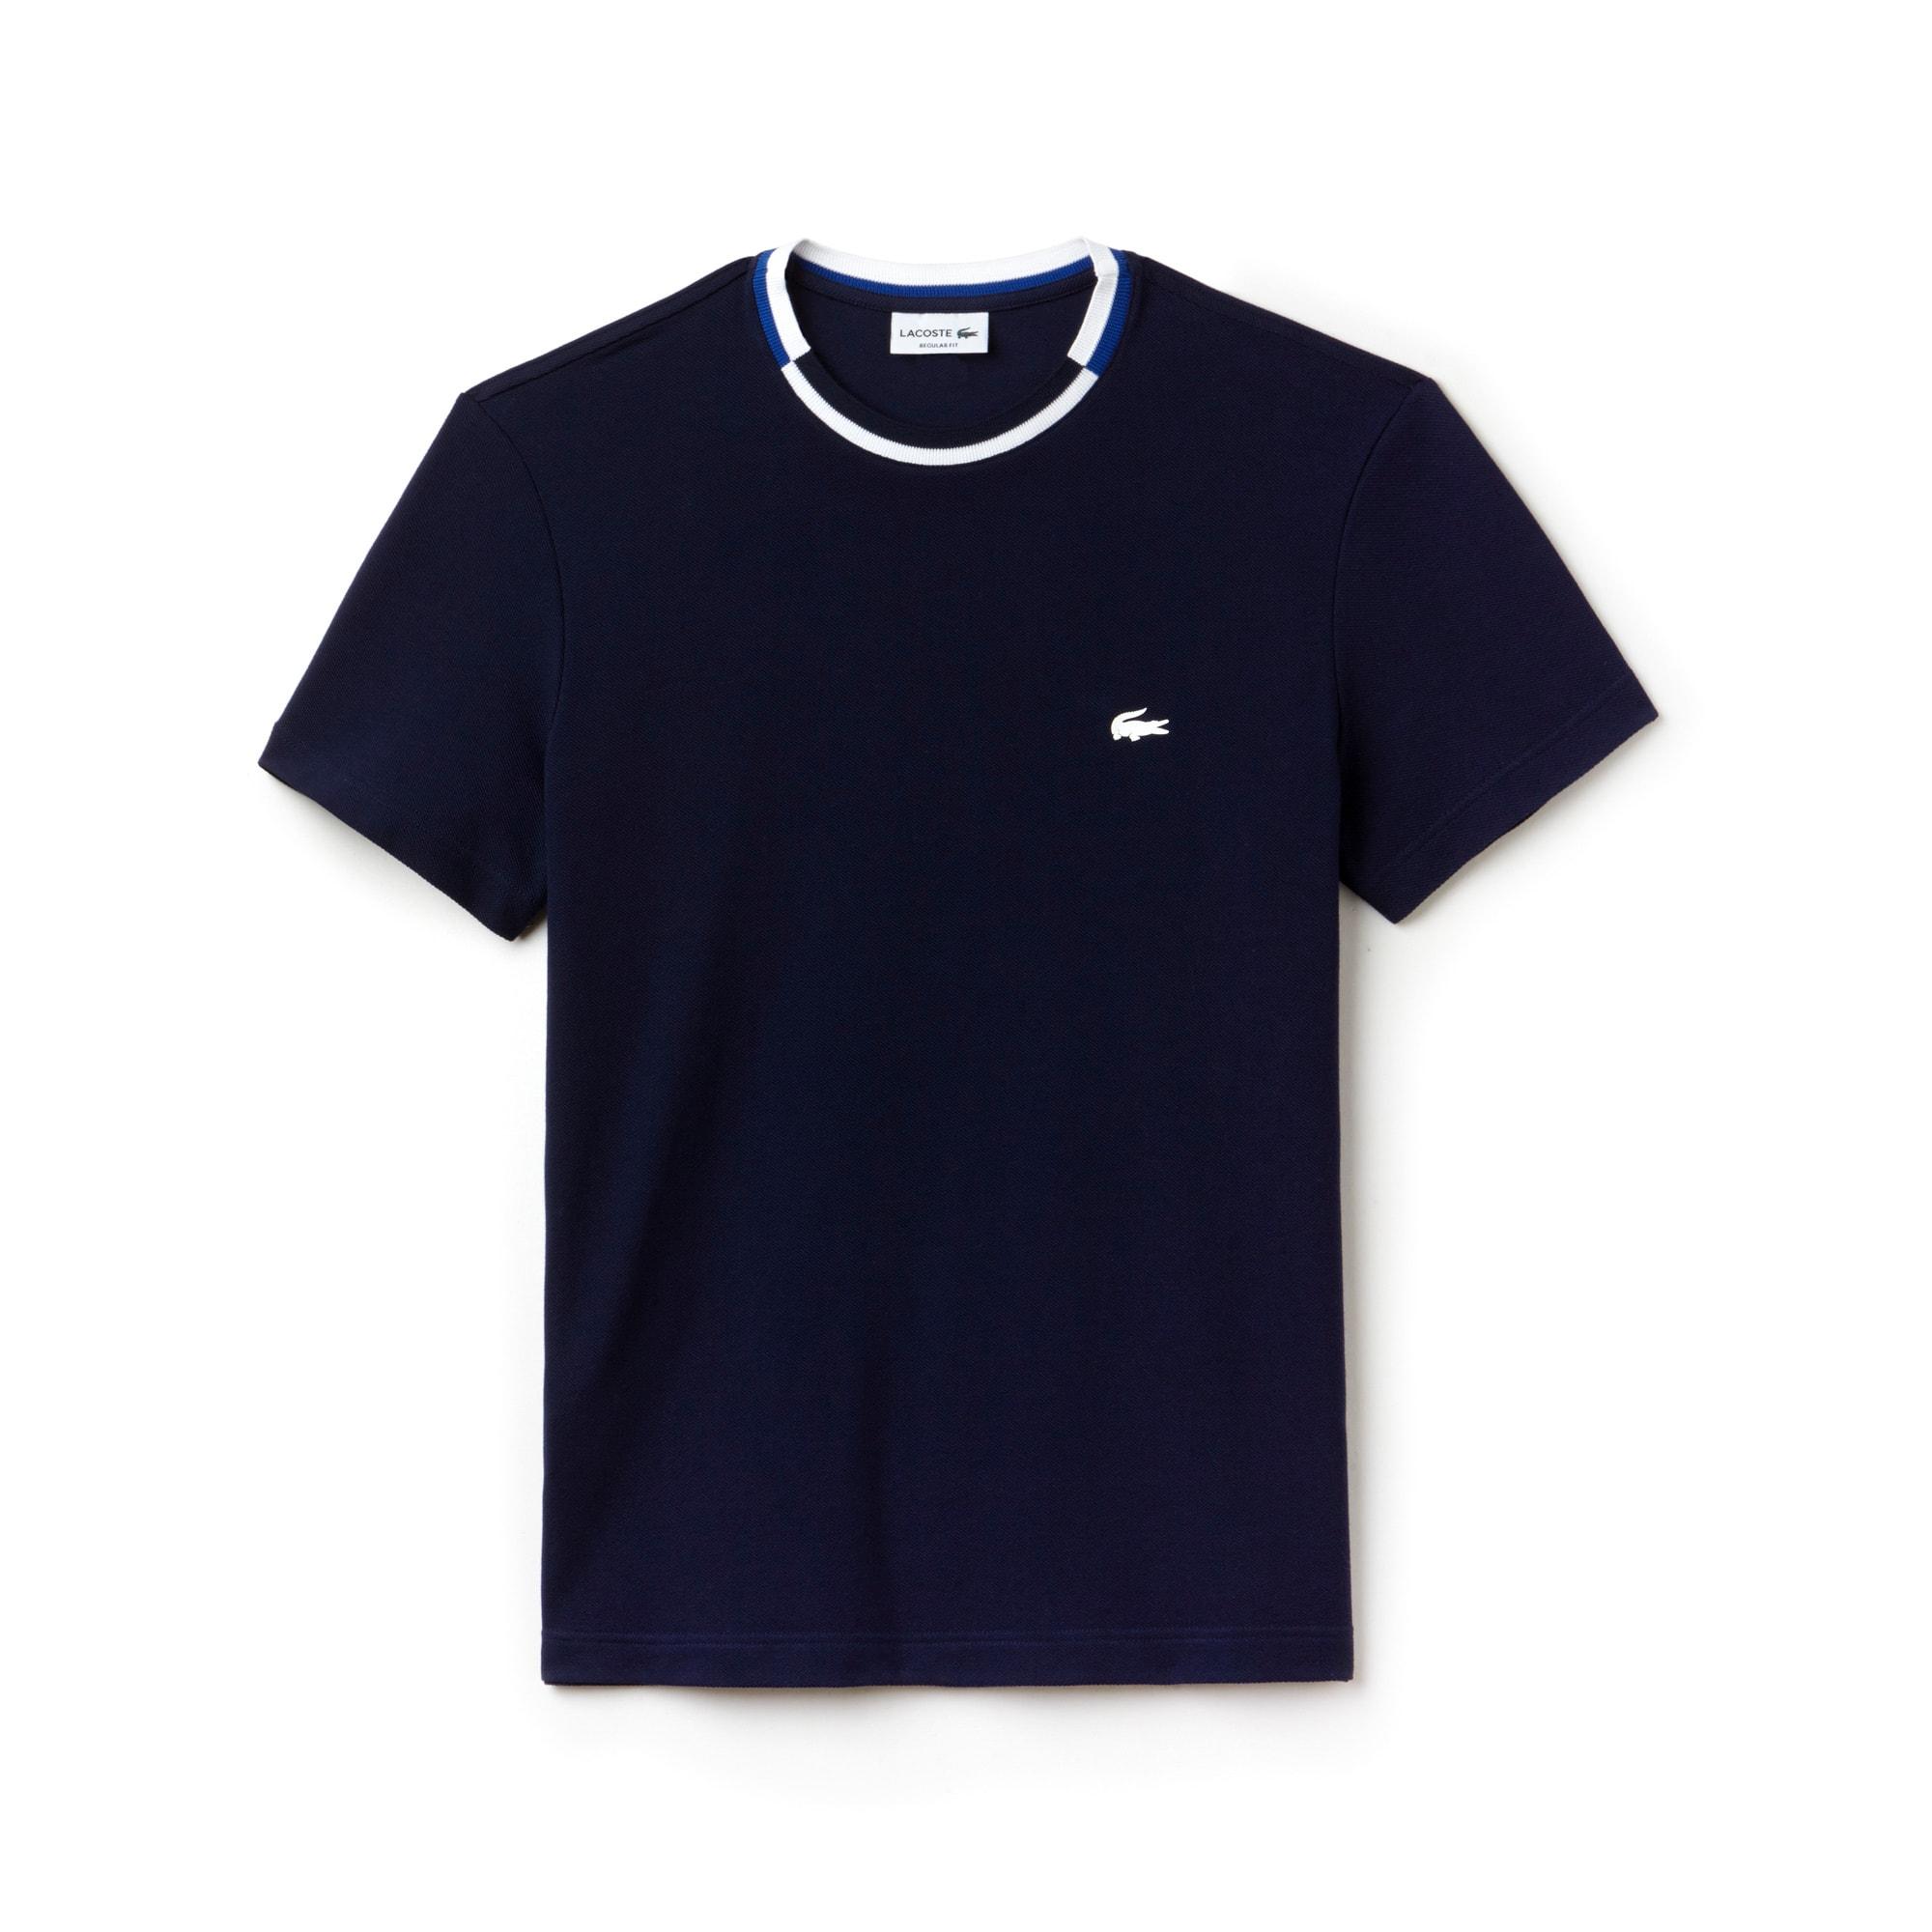 Men's Striped Contrasted Crew Neck Petit Piqué T-shirt